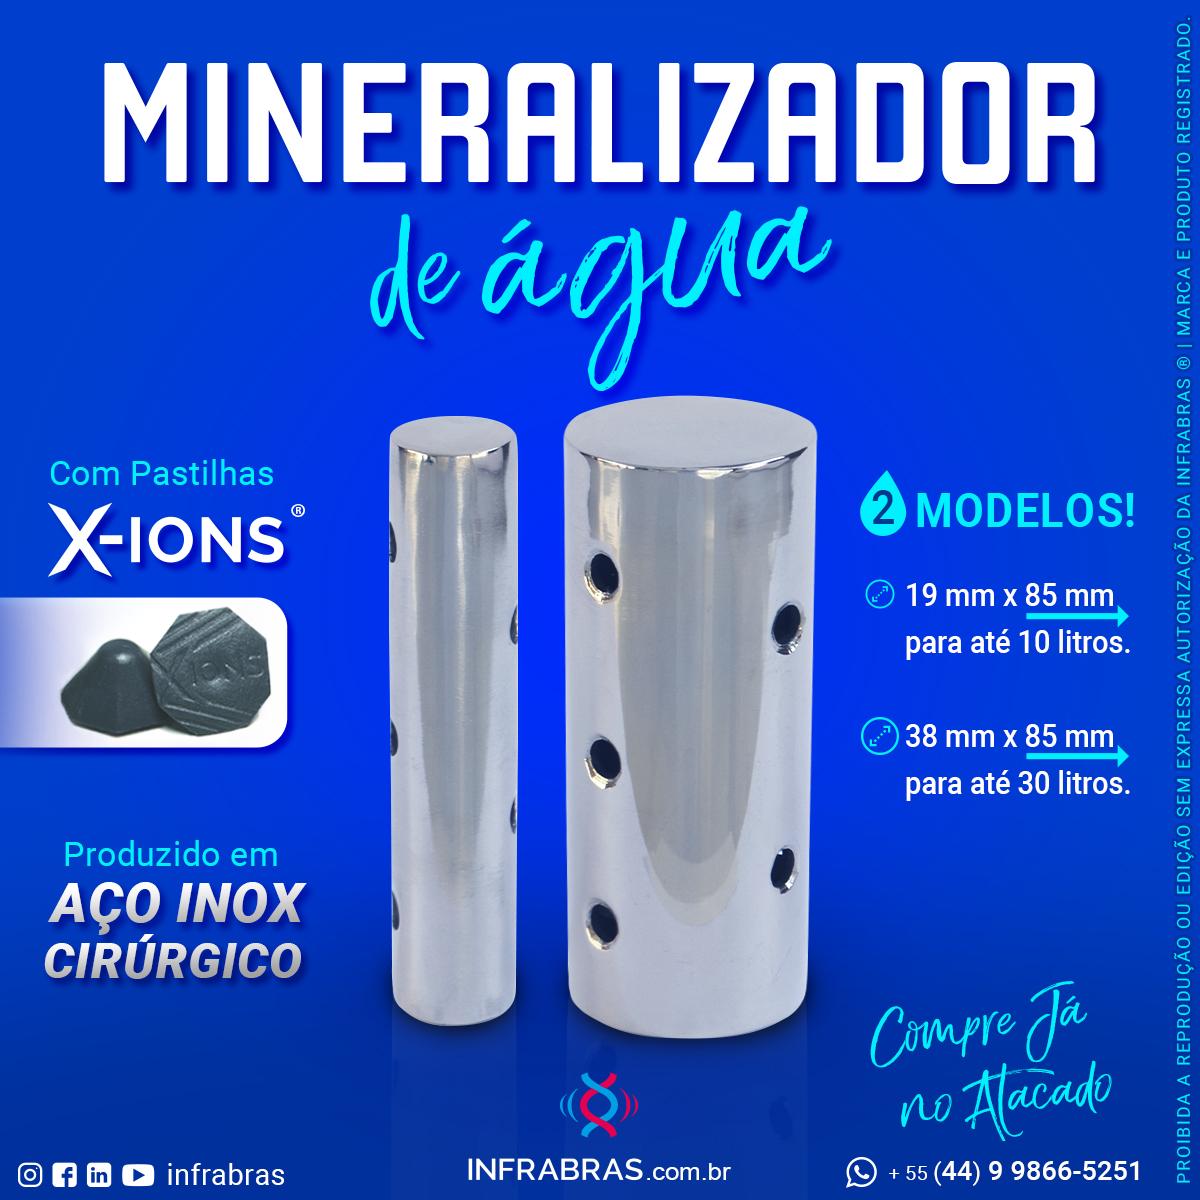 Mineralizador de água